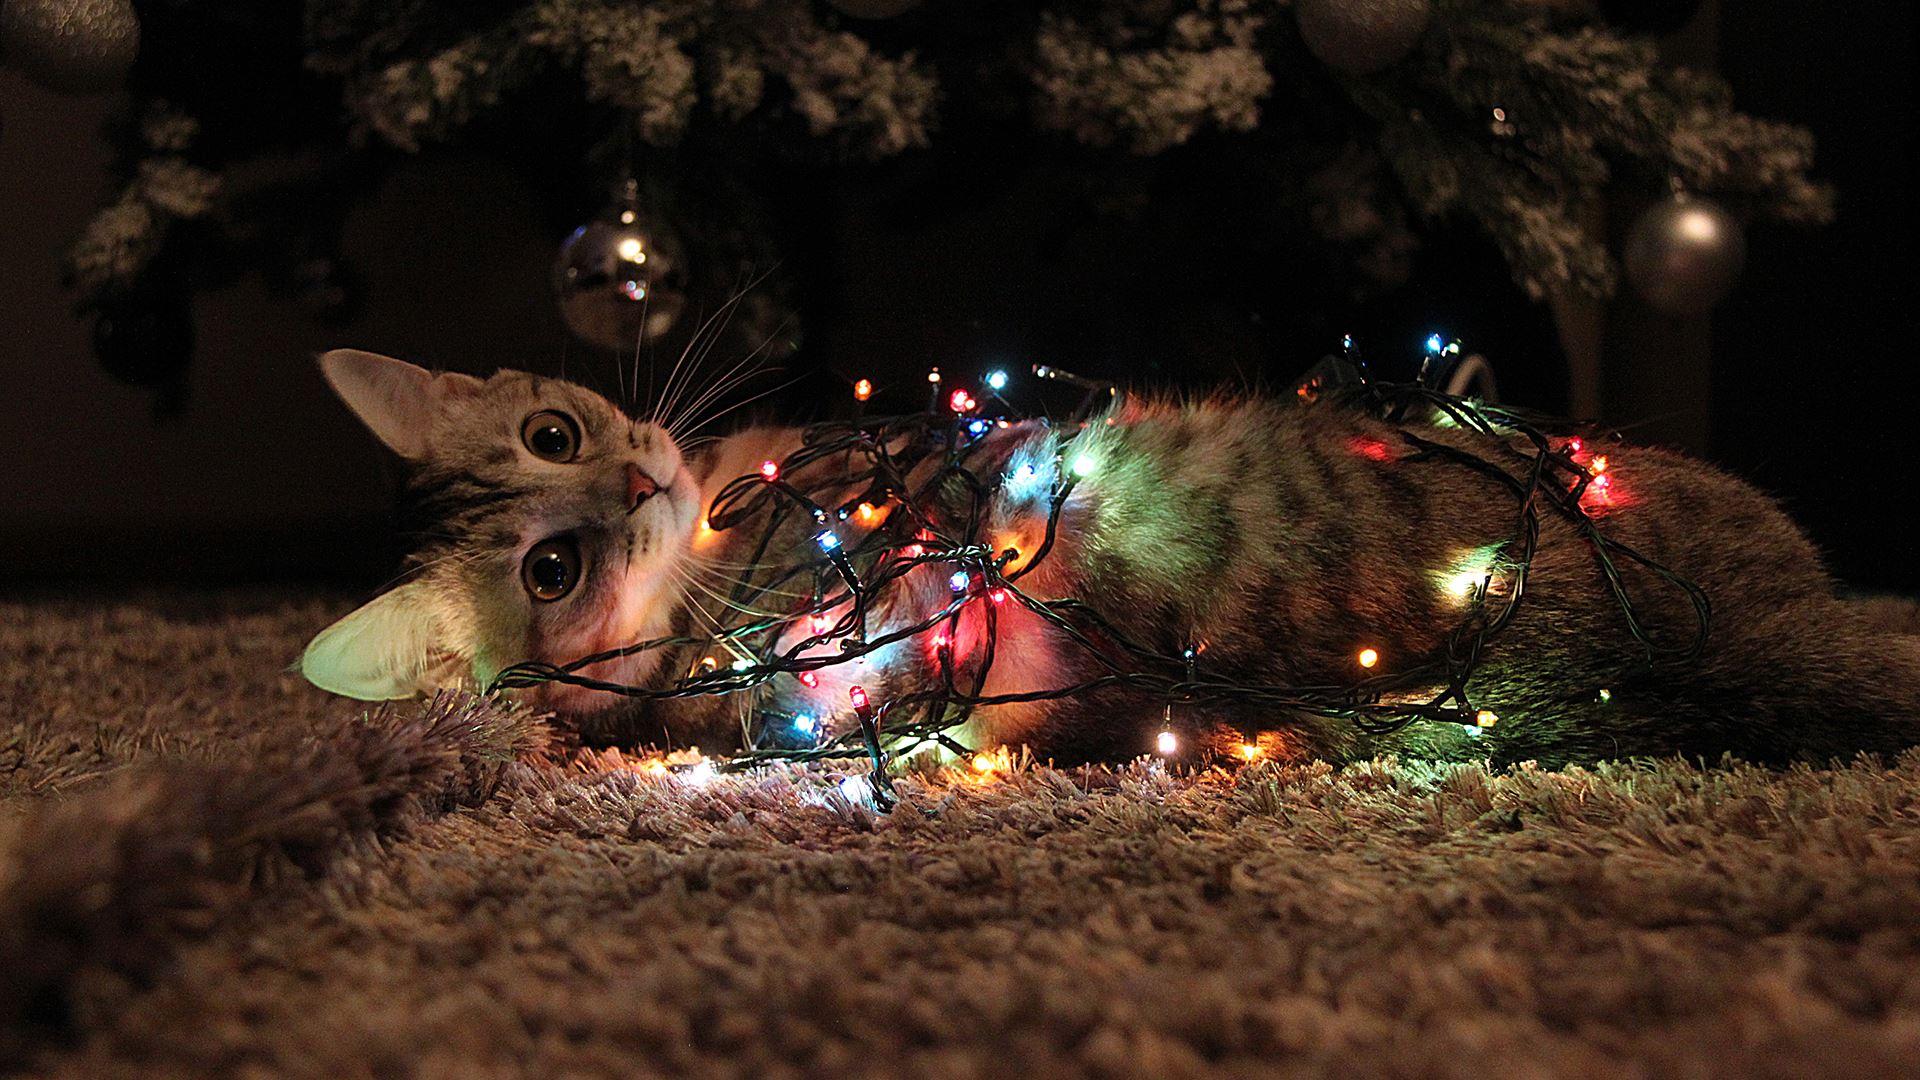 можно новогодние обои на рабочий стол год мыши фото это